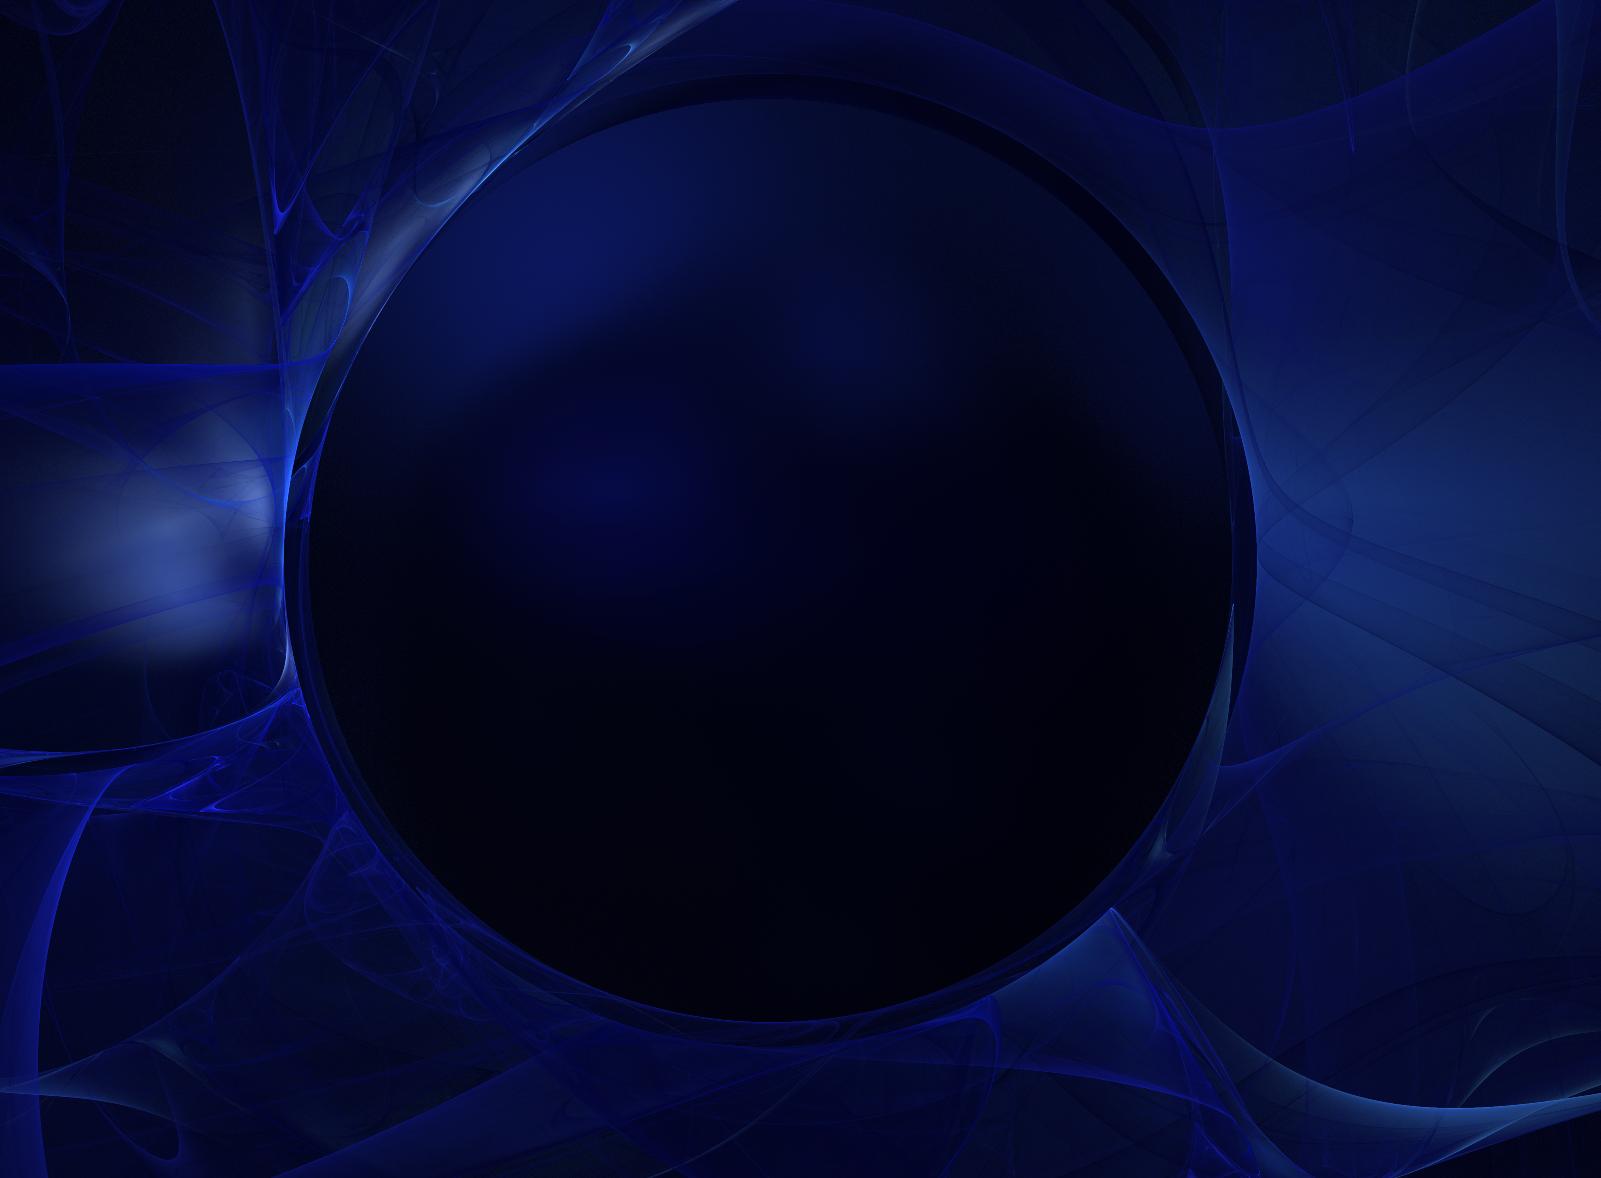 dark matter sphere by SHiNiGAMi-Xiii on DeviantArt